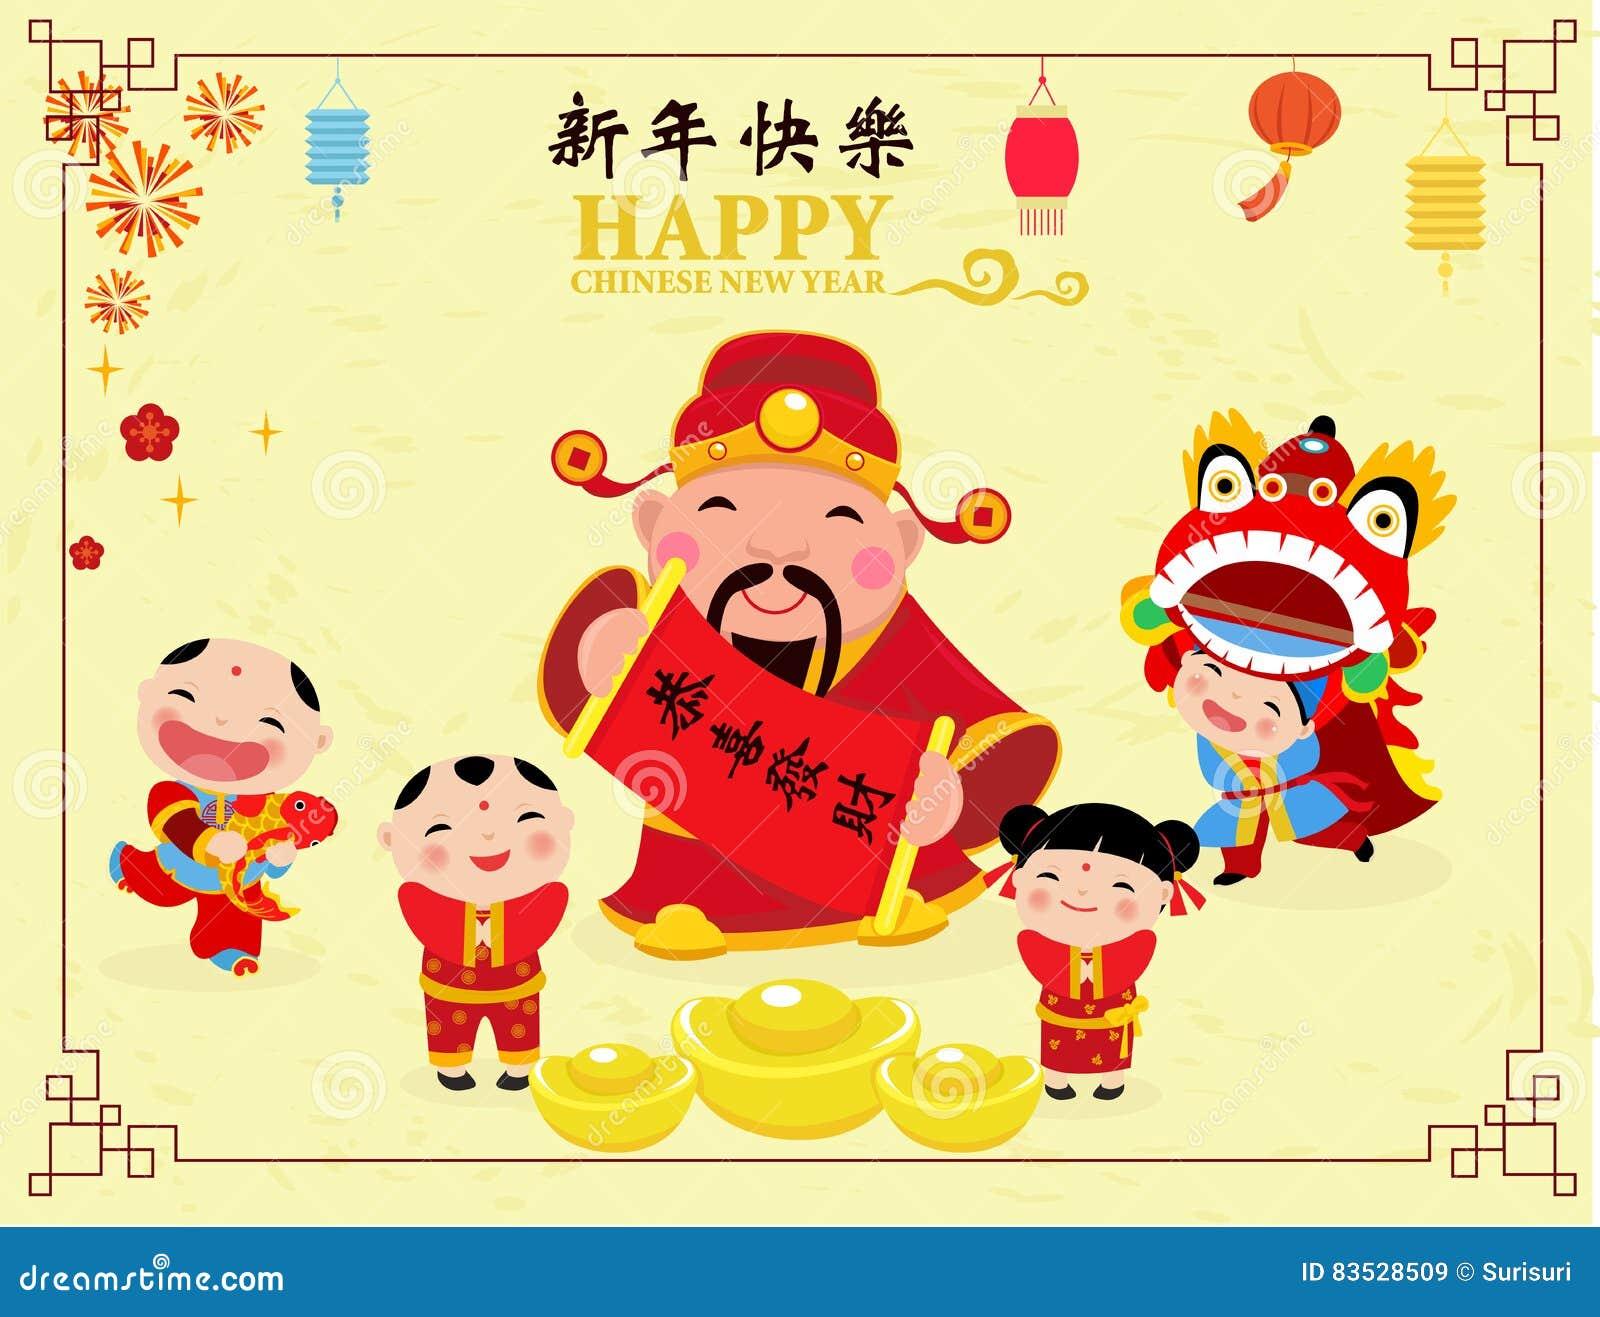 Design des Chinesischen Neujahrsfests mit Gott des Reichtums und Kindern